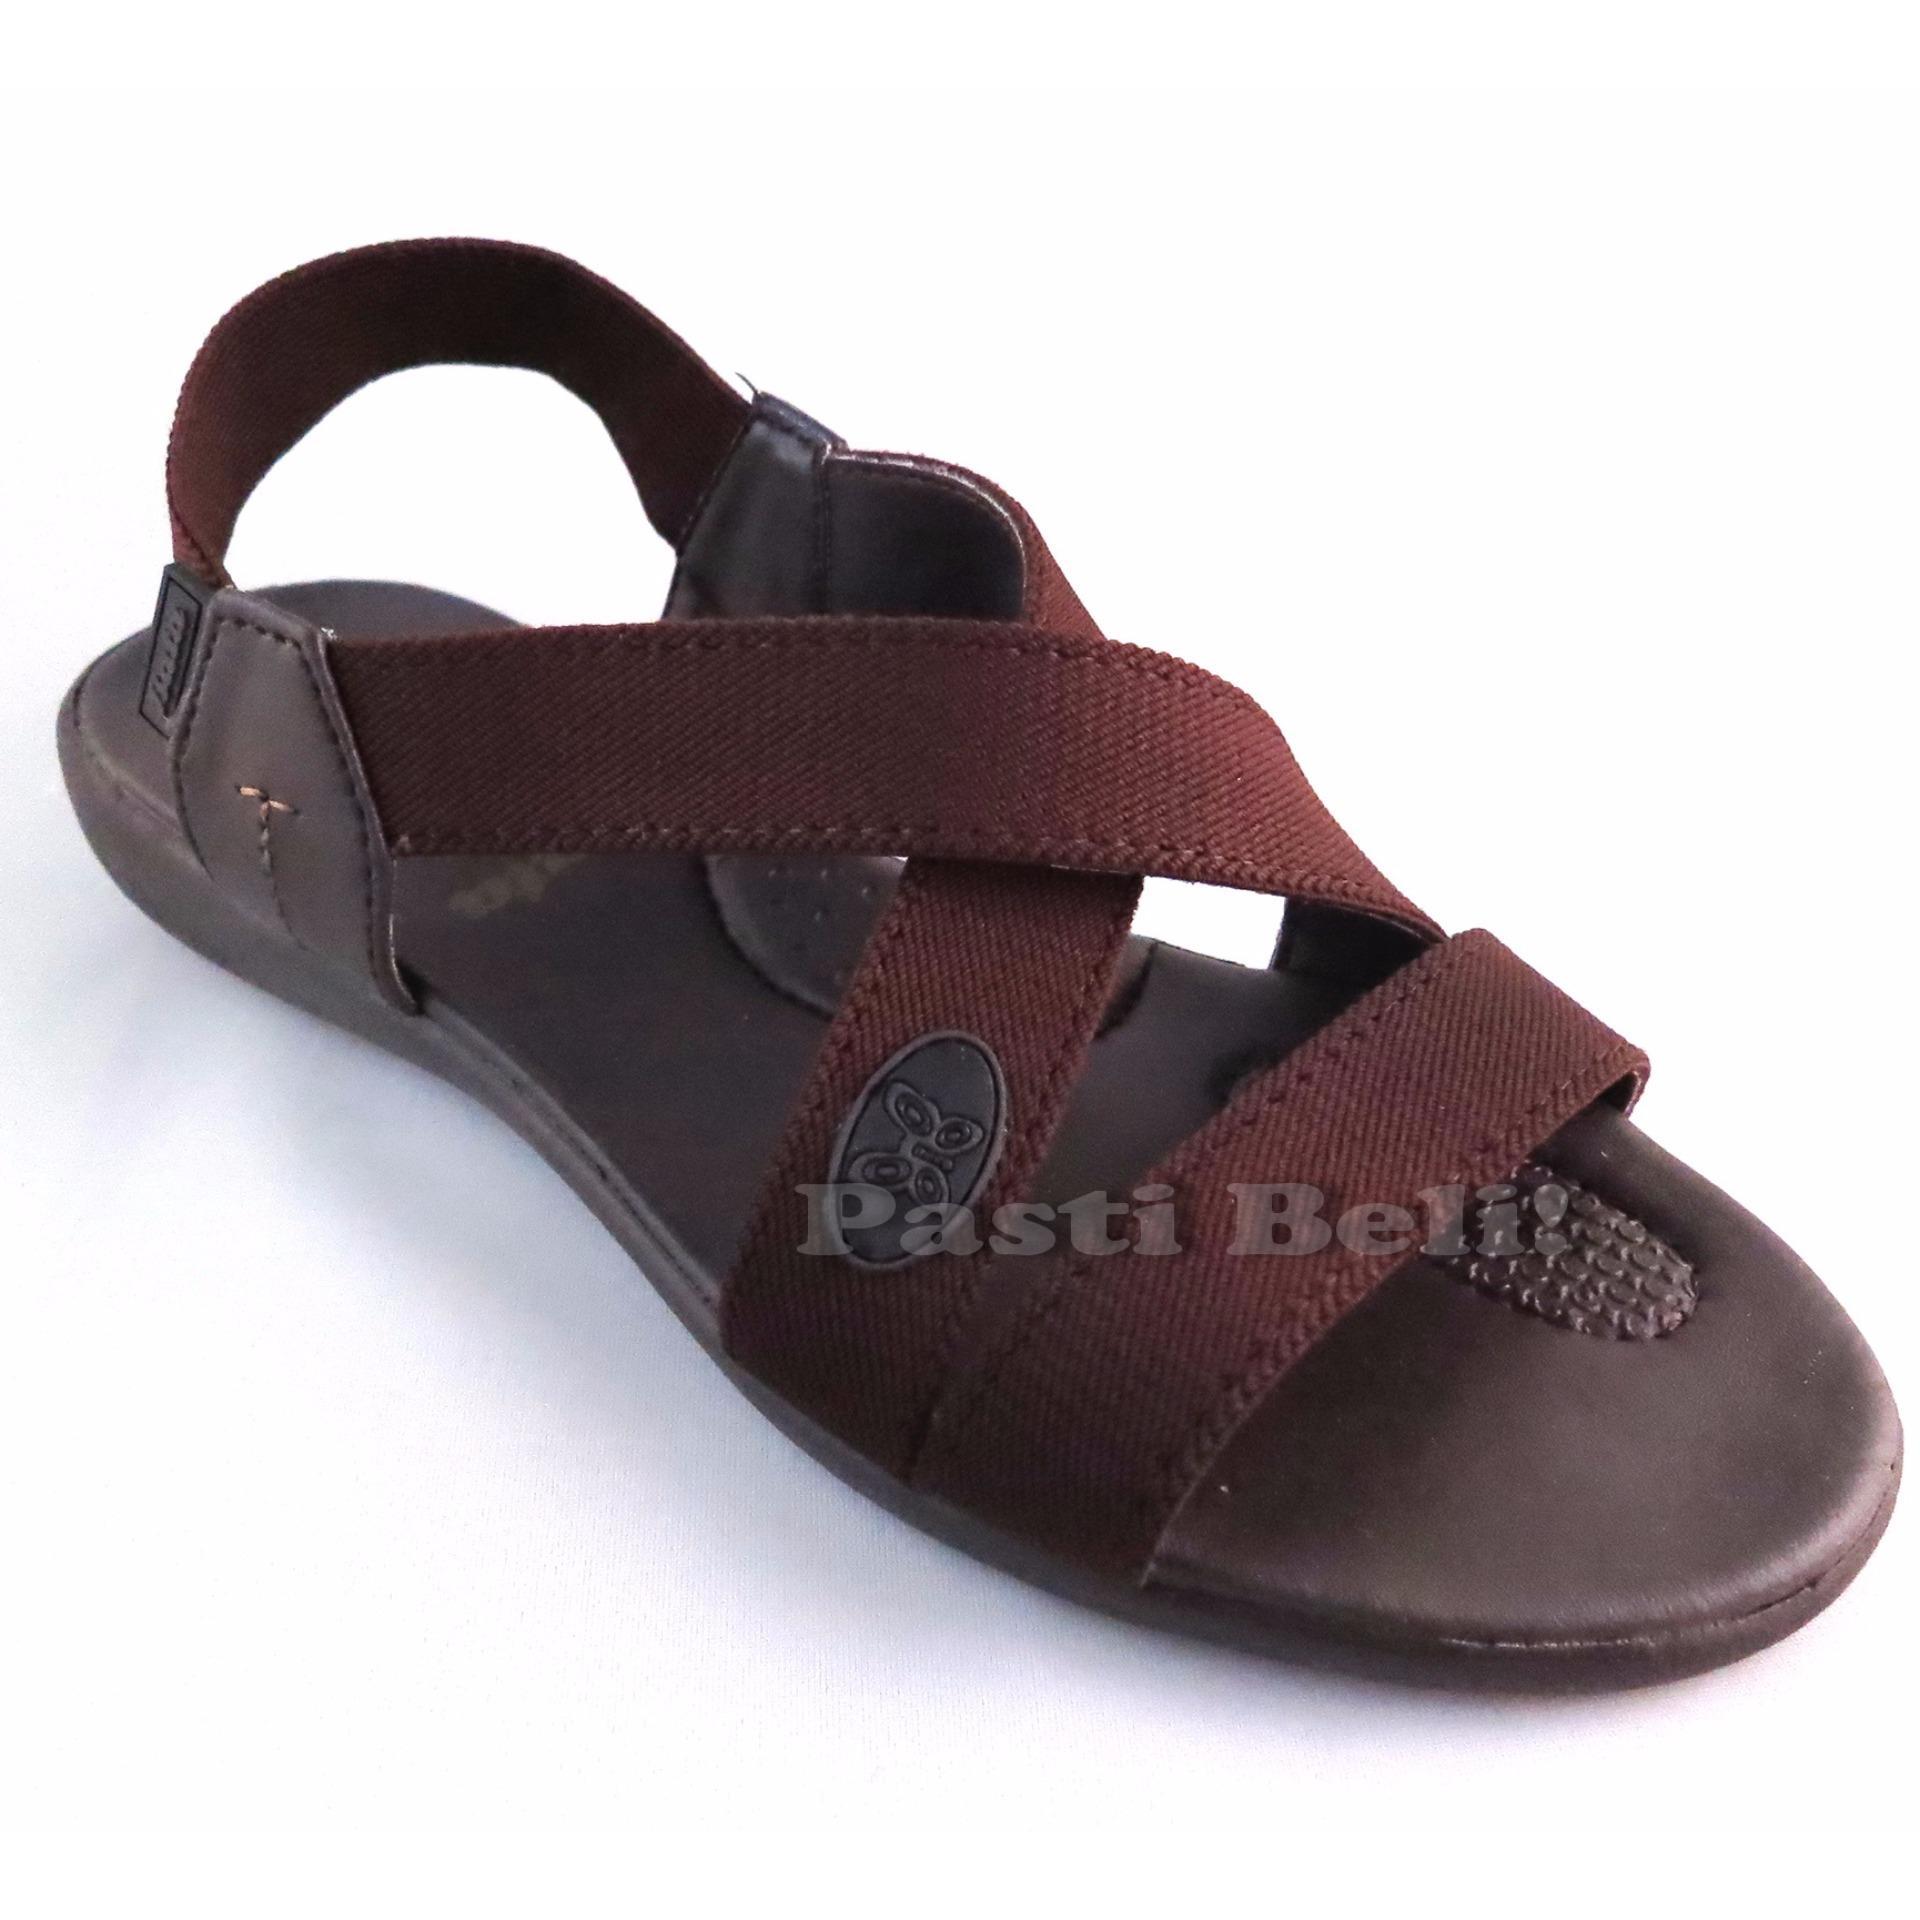 Bata - Sandal Wanita Cantik Coklat 661-4500